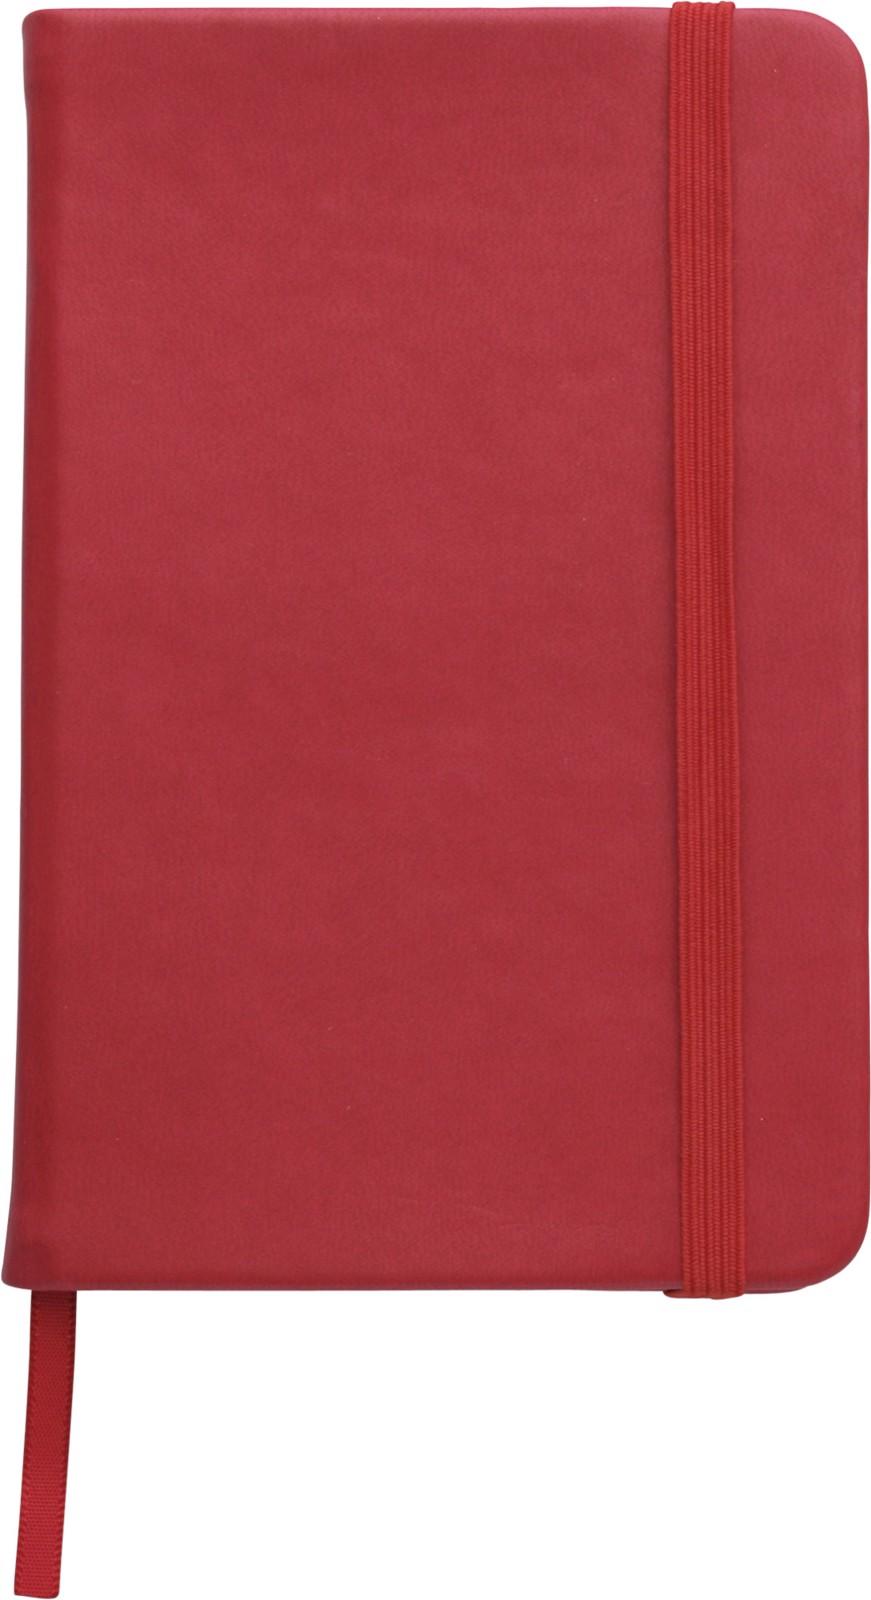 PU notebook - Red